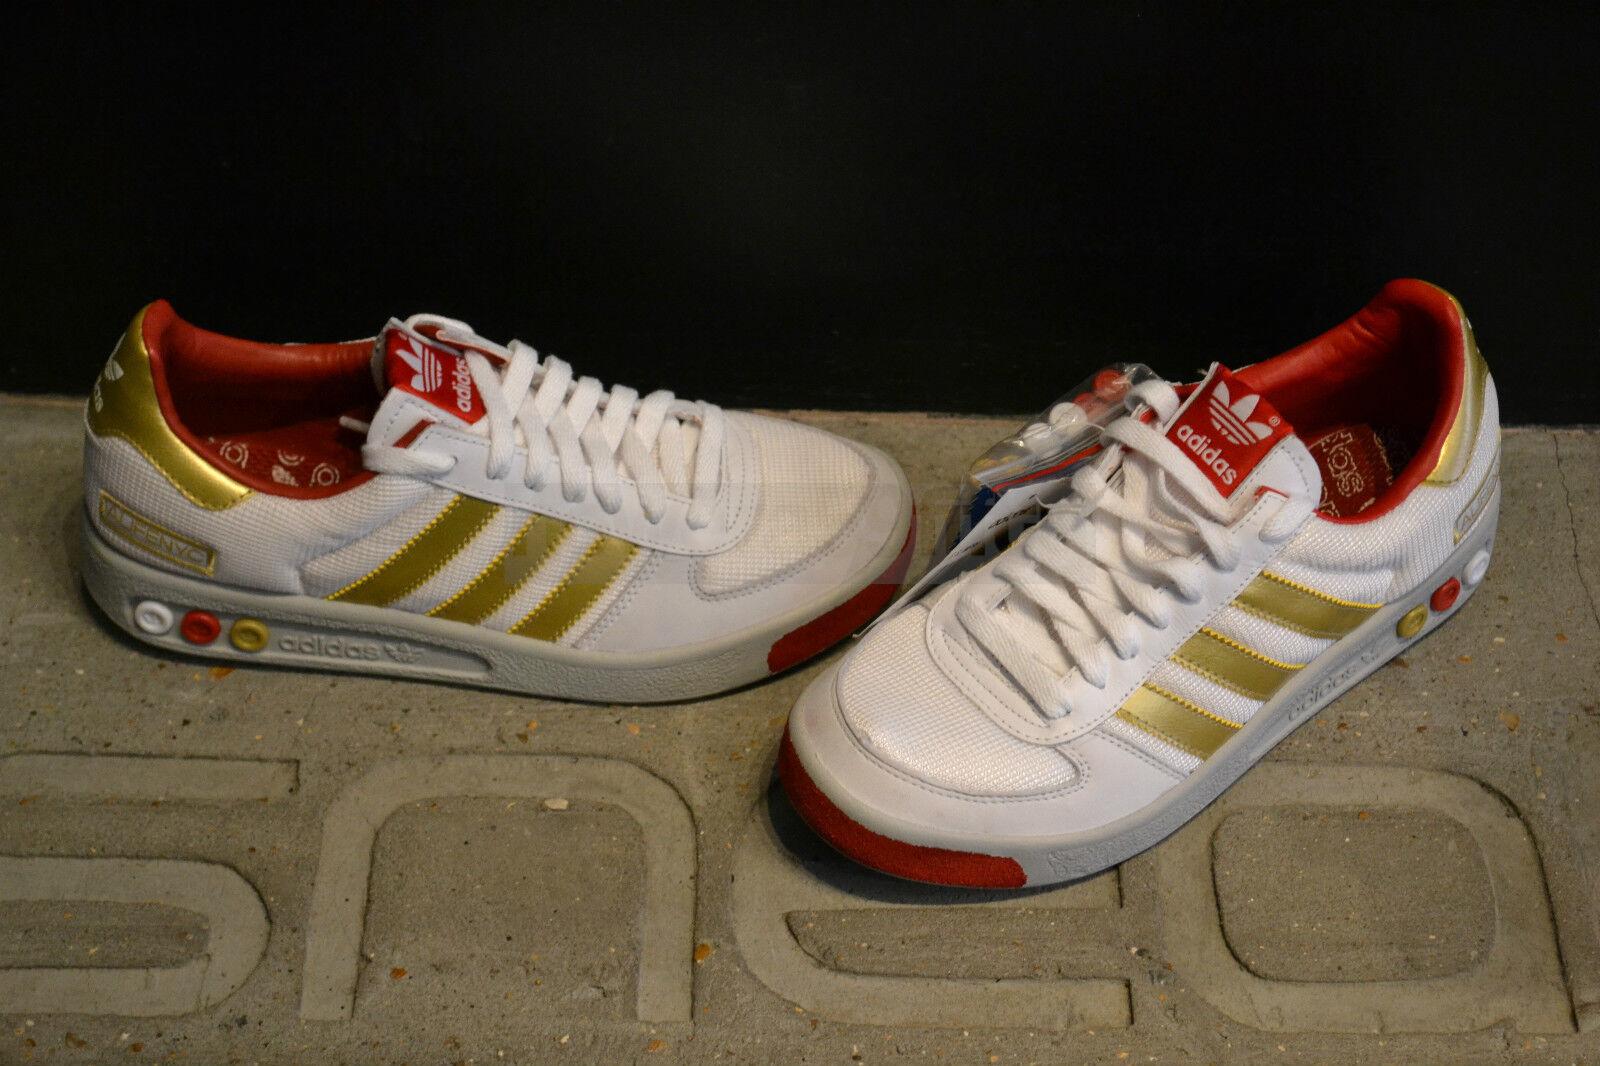 Adidas G.S Mesh ALIFENYC - Weiß/Gold/ROT Weiß/Gold/ROT Weiß/Gold/ROT 0959d2